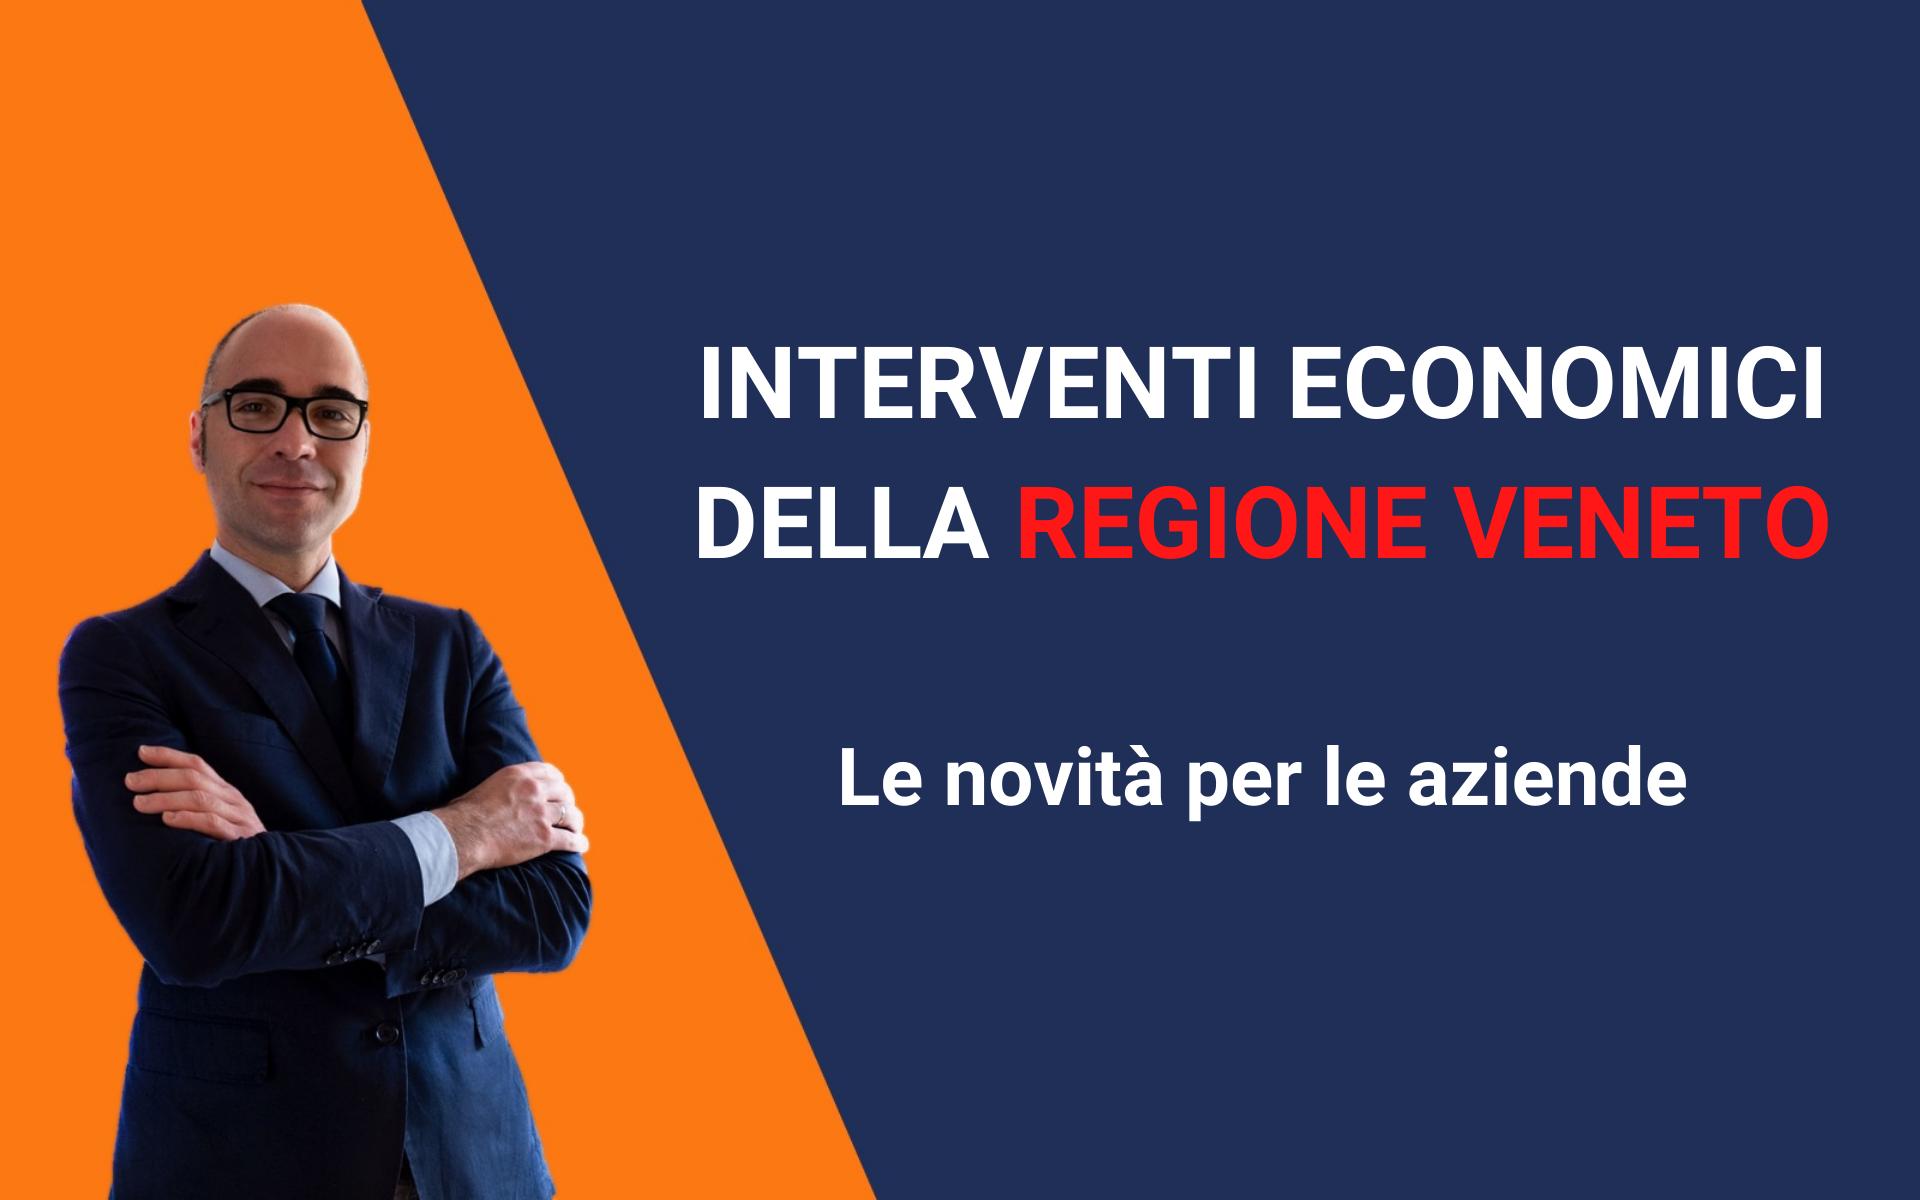 interventi economici regione veneto